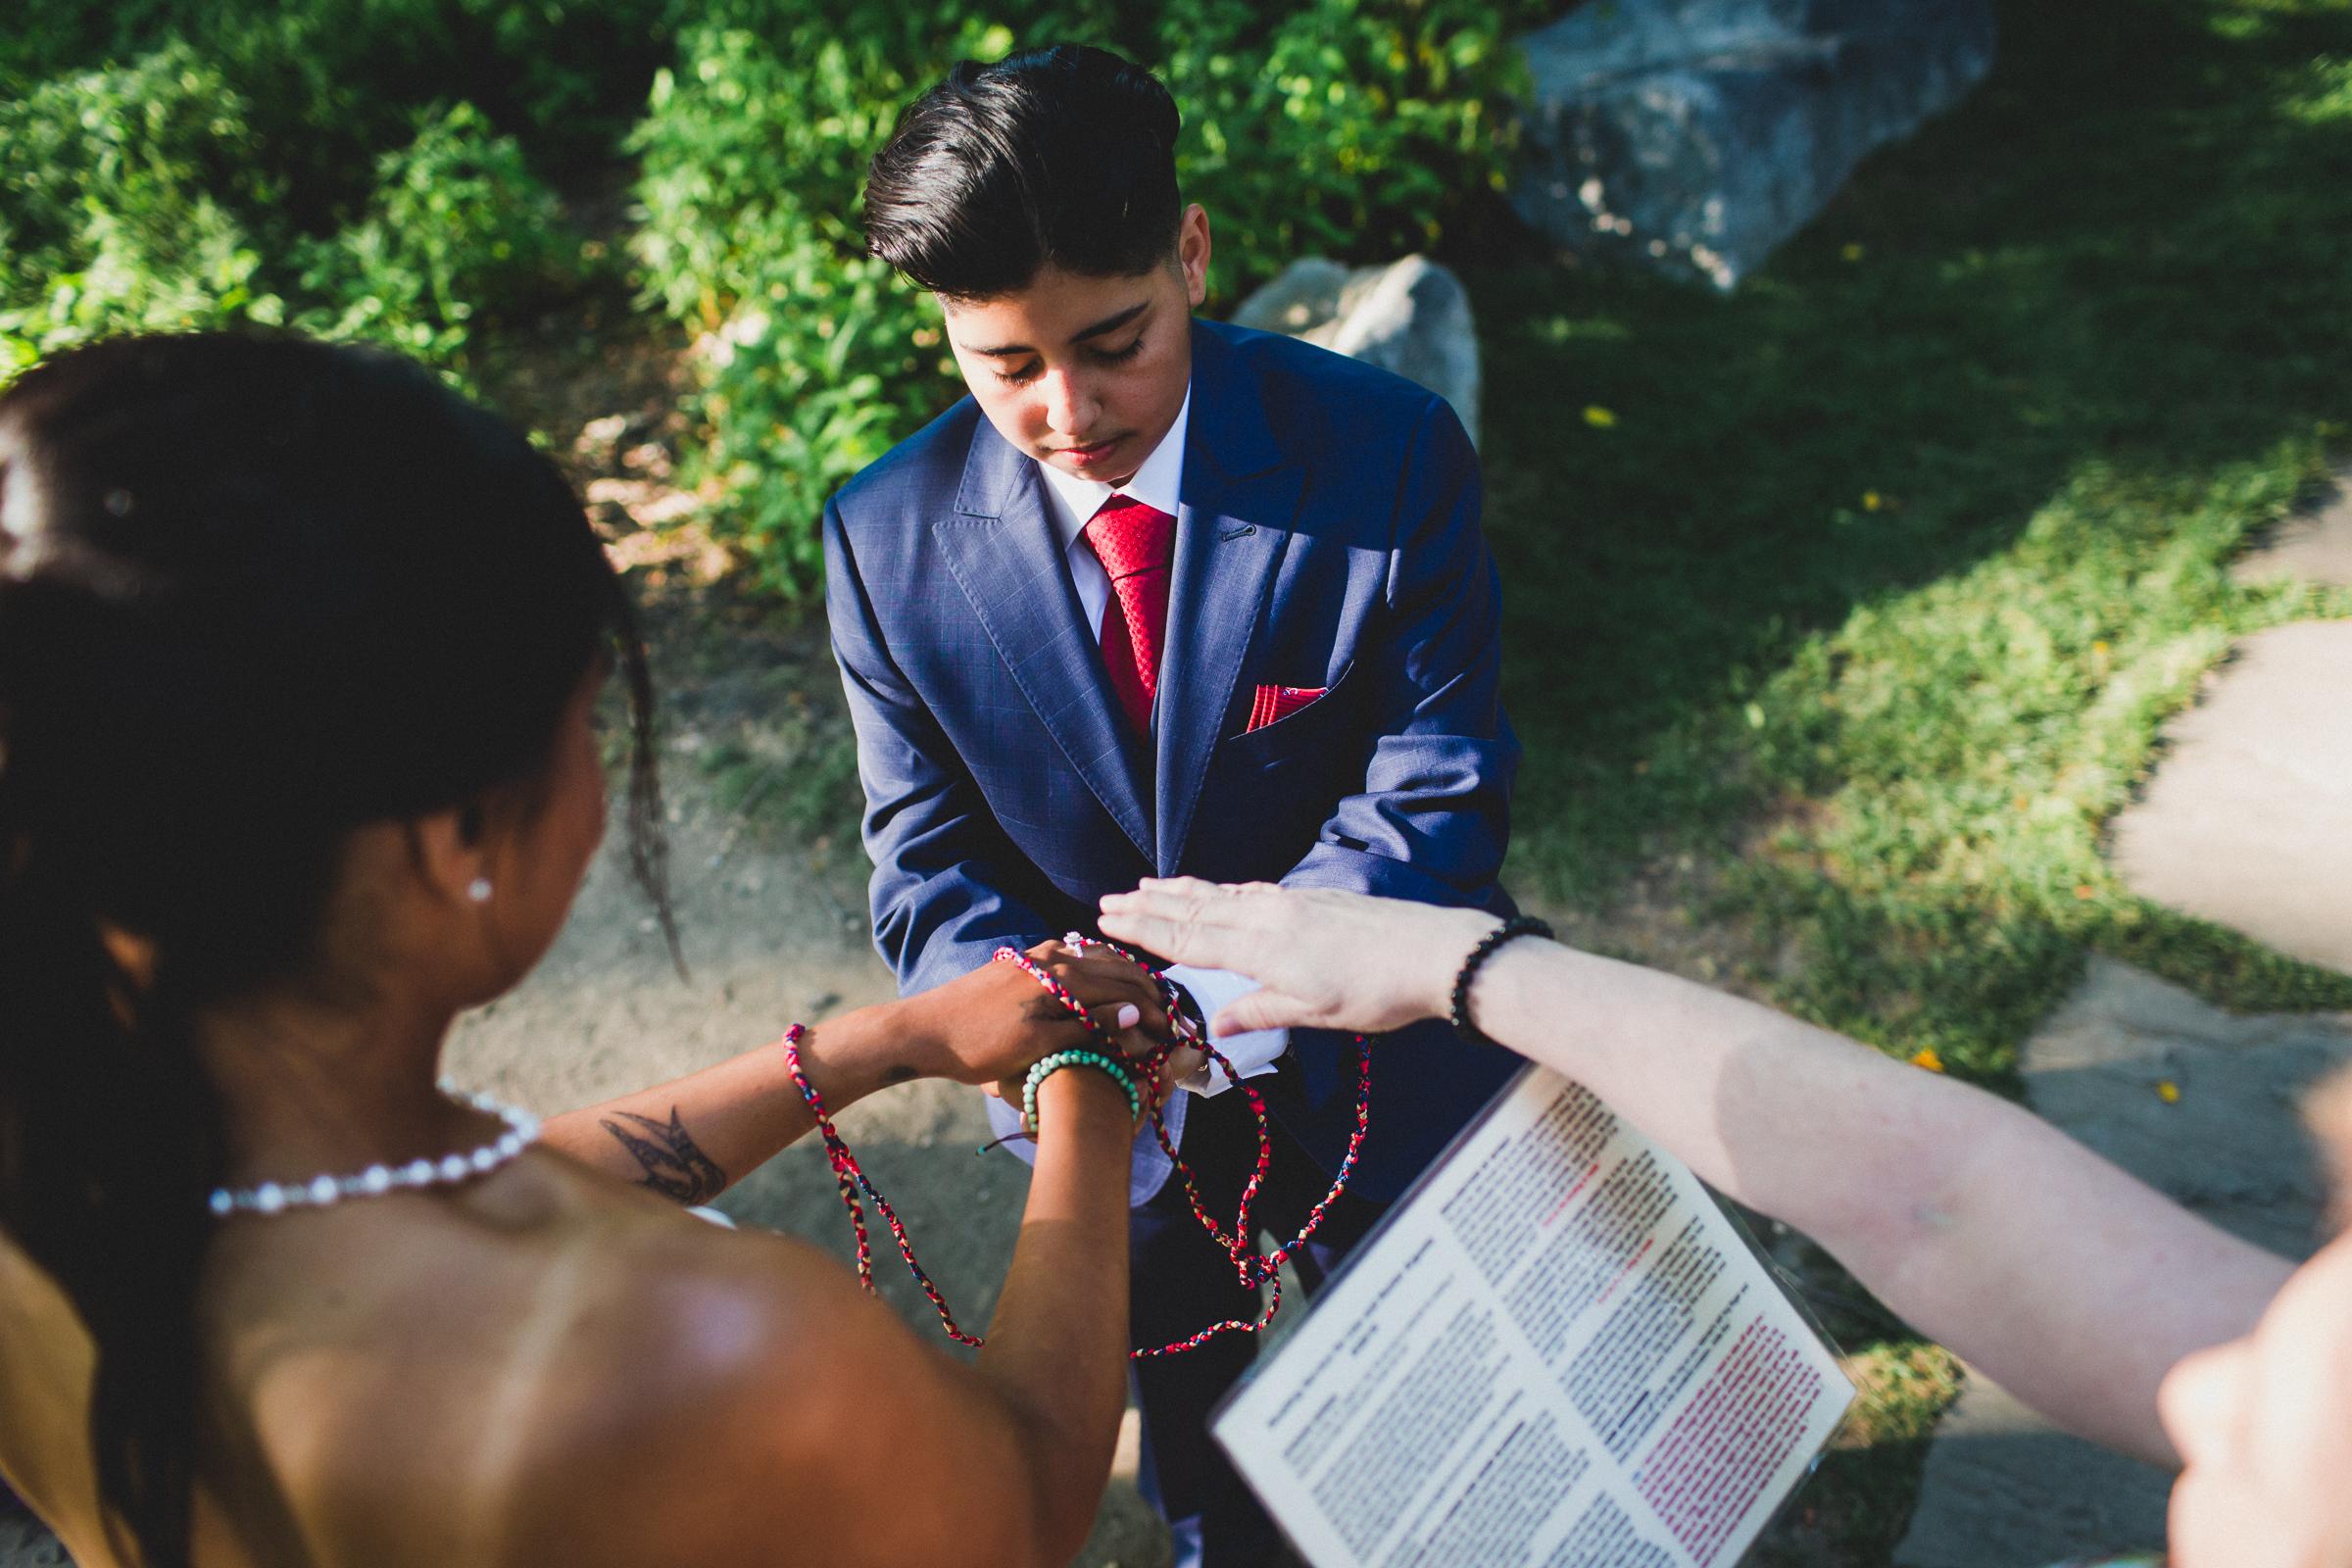 Long-Island-Documentary-Wedding-Photographer-Avalon-Park-Wedding-Photos-23.jpg